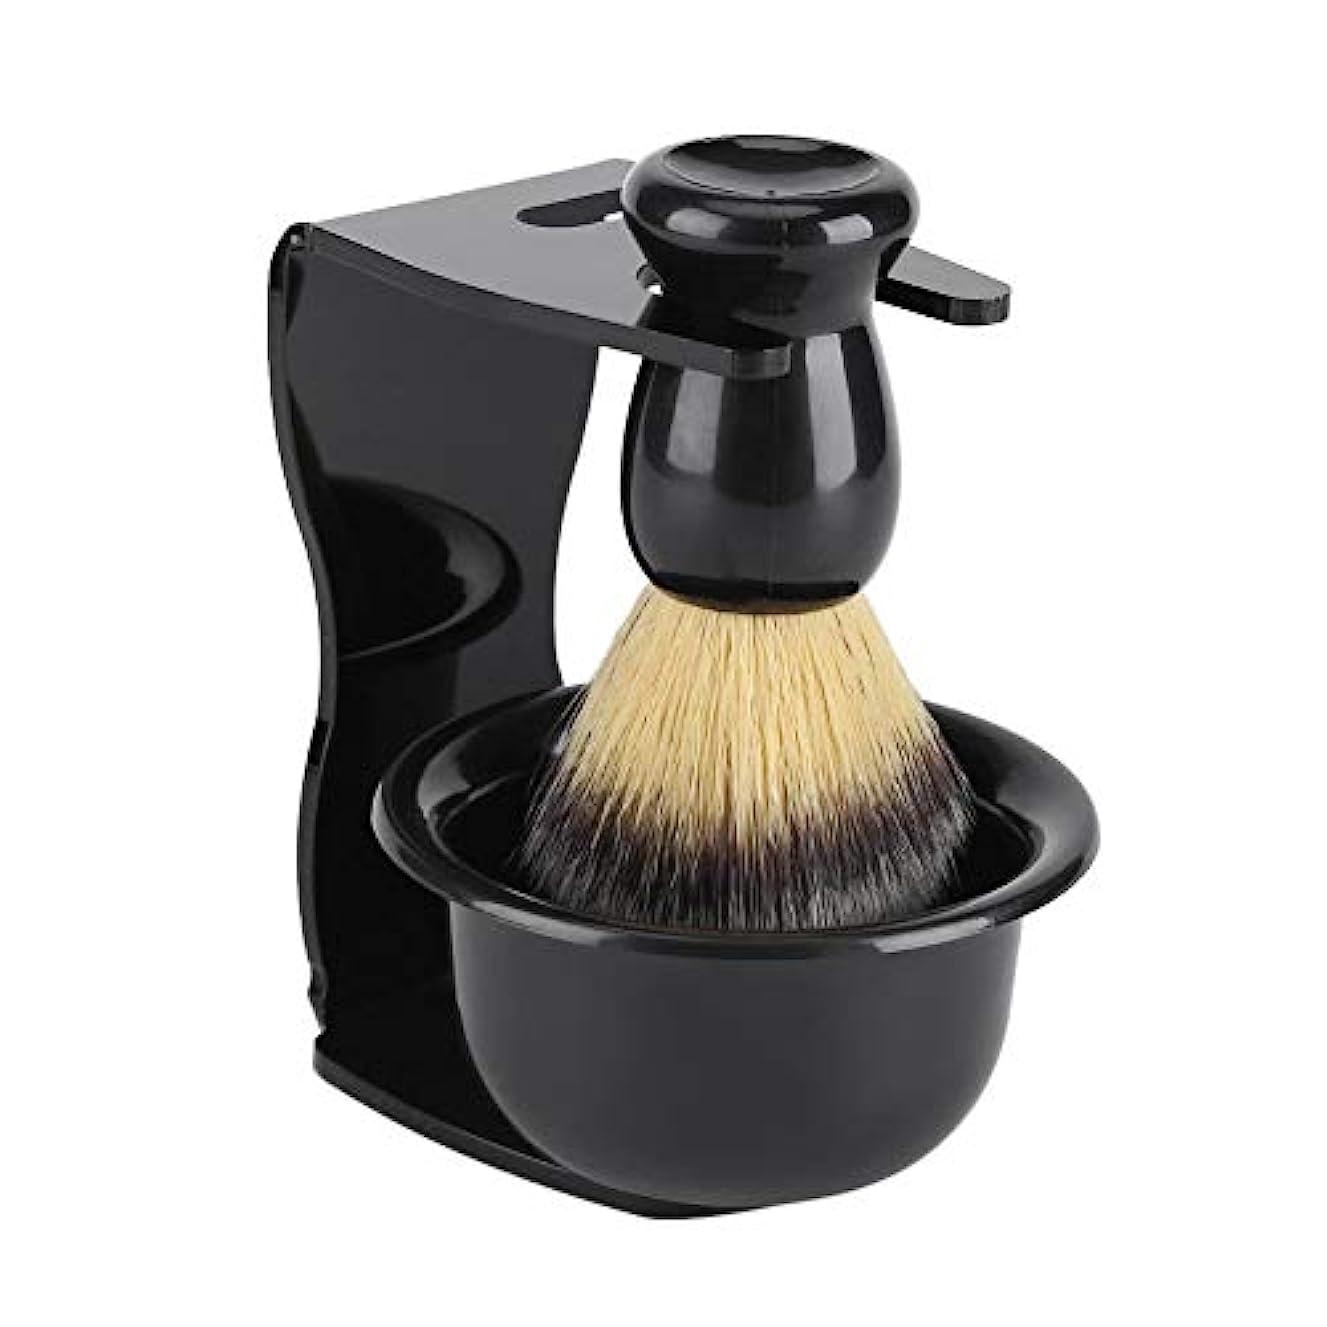 3セットひげブラシ シェービングブラシ プレゼントシェービングブラシセット プラシスタンド 石鹸ボウル 理容 洗顔 髭剃り